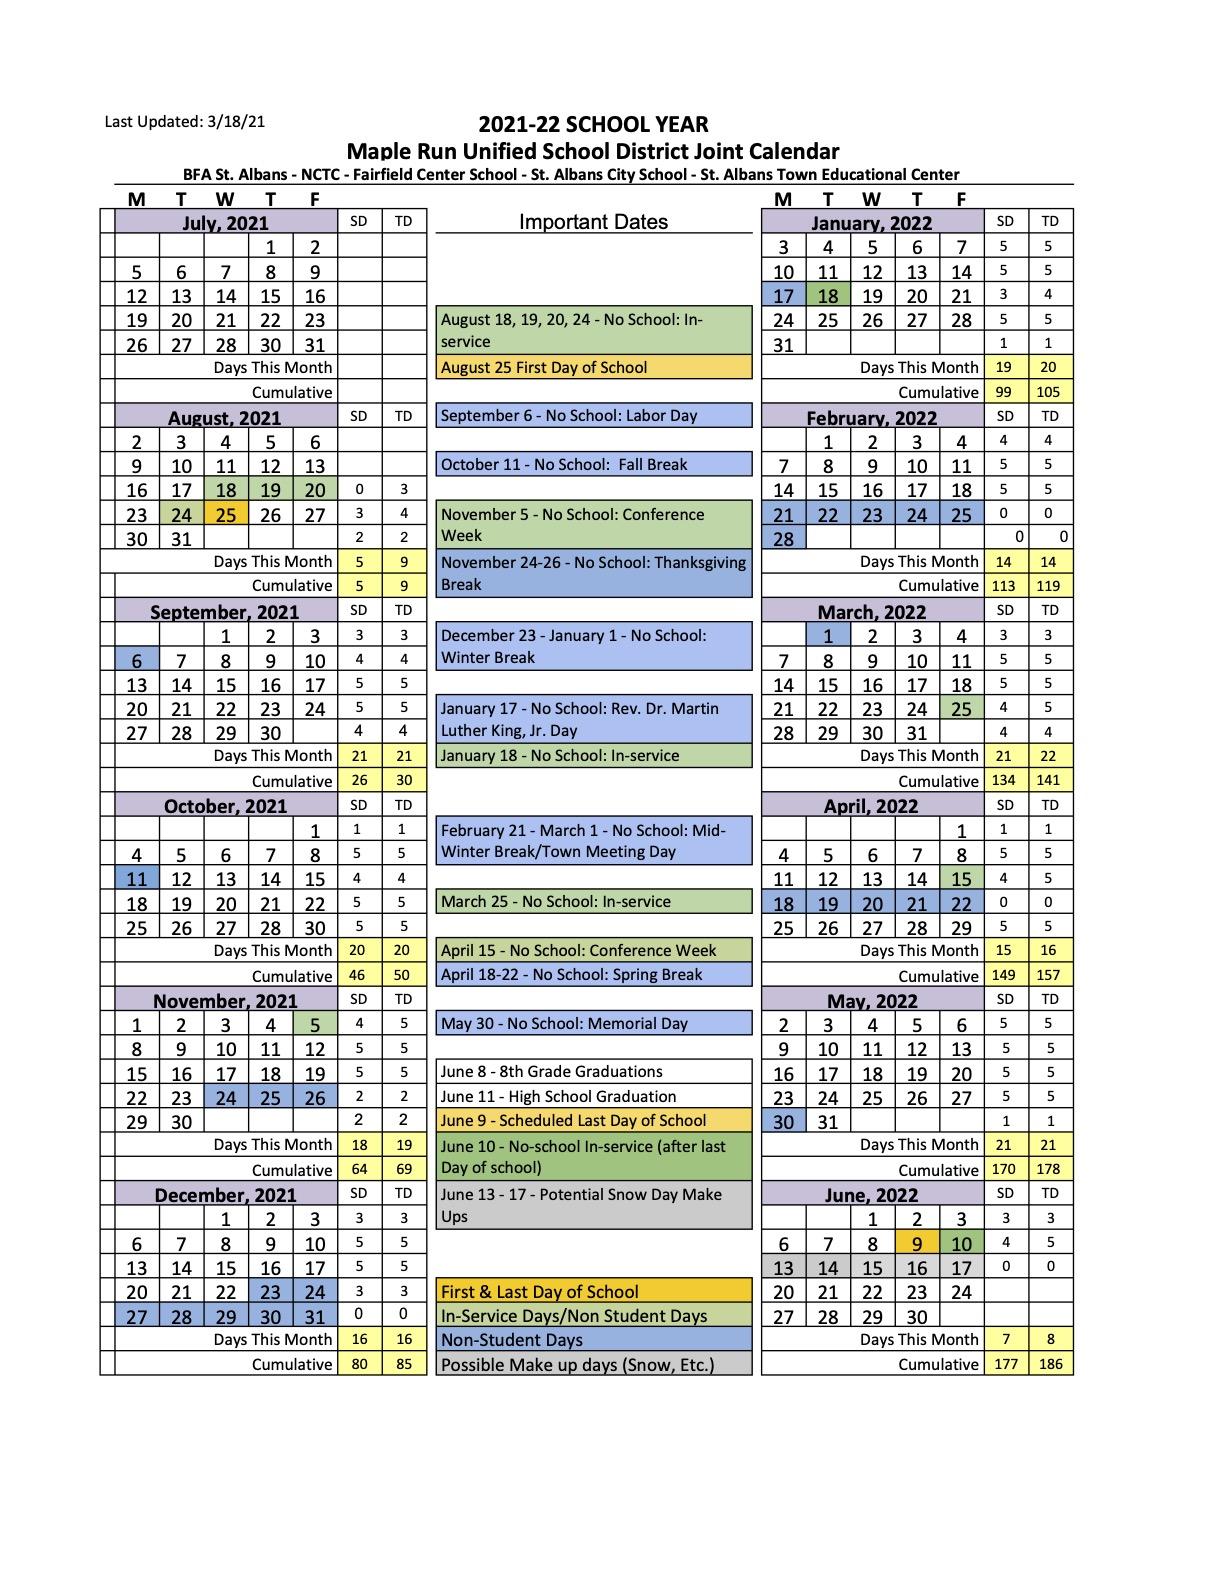 Vt Calendar 2022.21 22 School Calendar Fairfield Center School